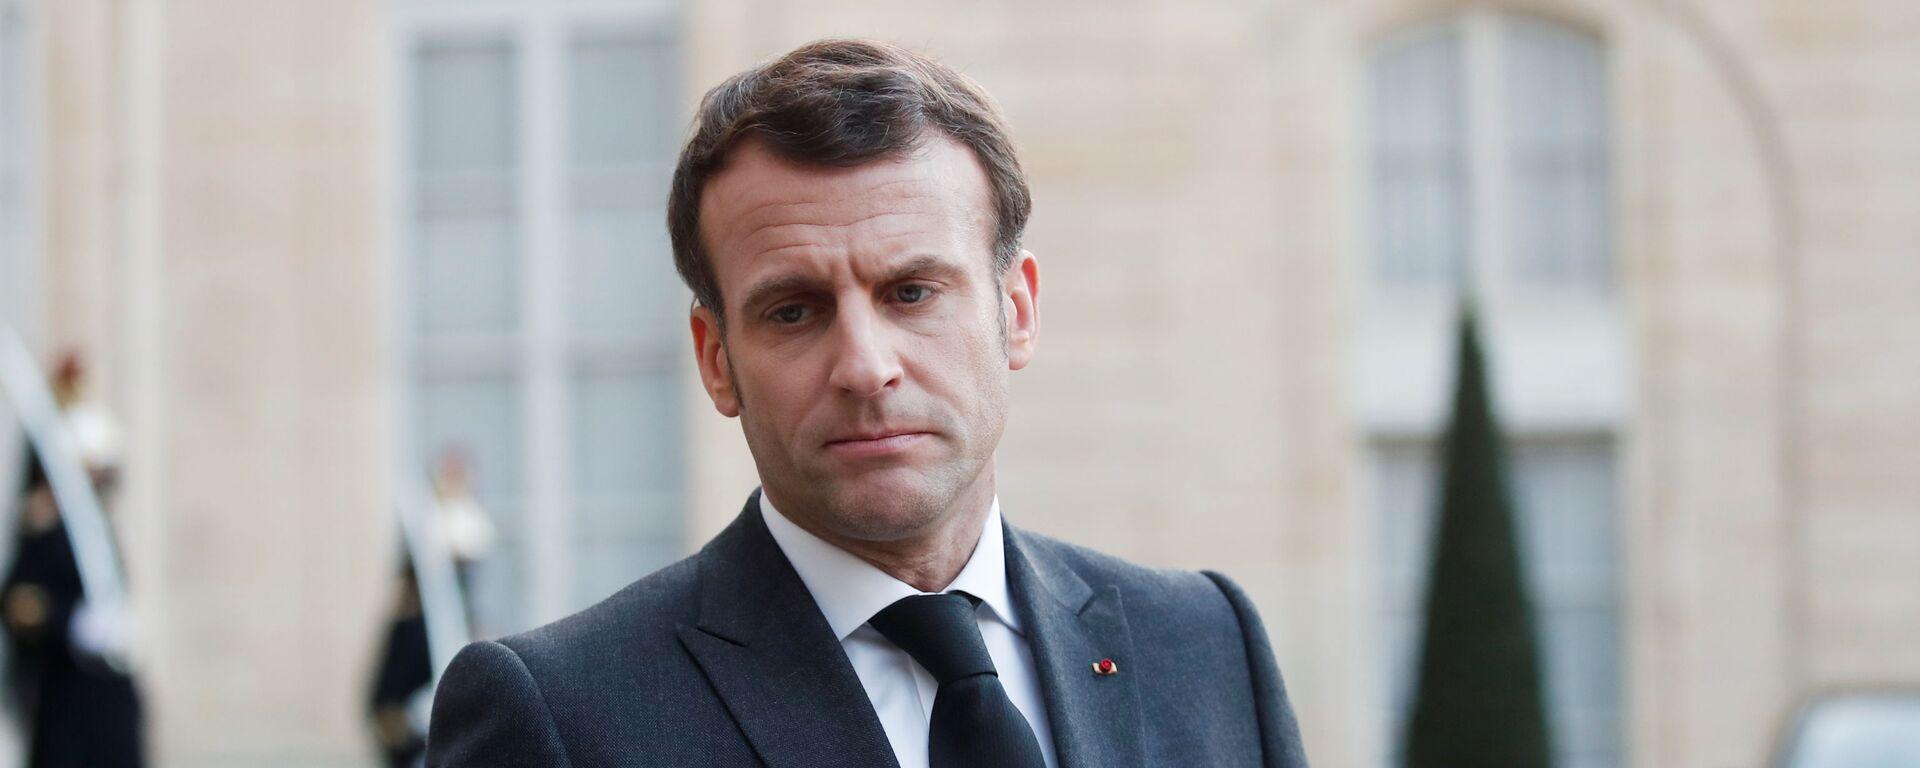 Francouzský prezident Emmanuel Macron - Sputnik Česká republika, 1920, 29.08.2021